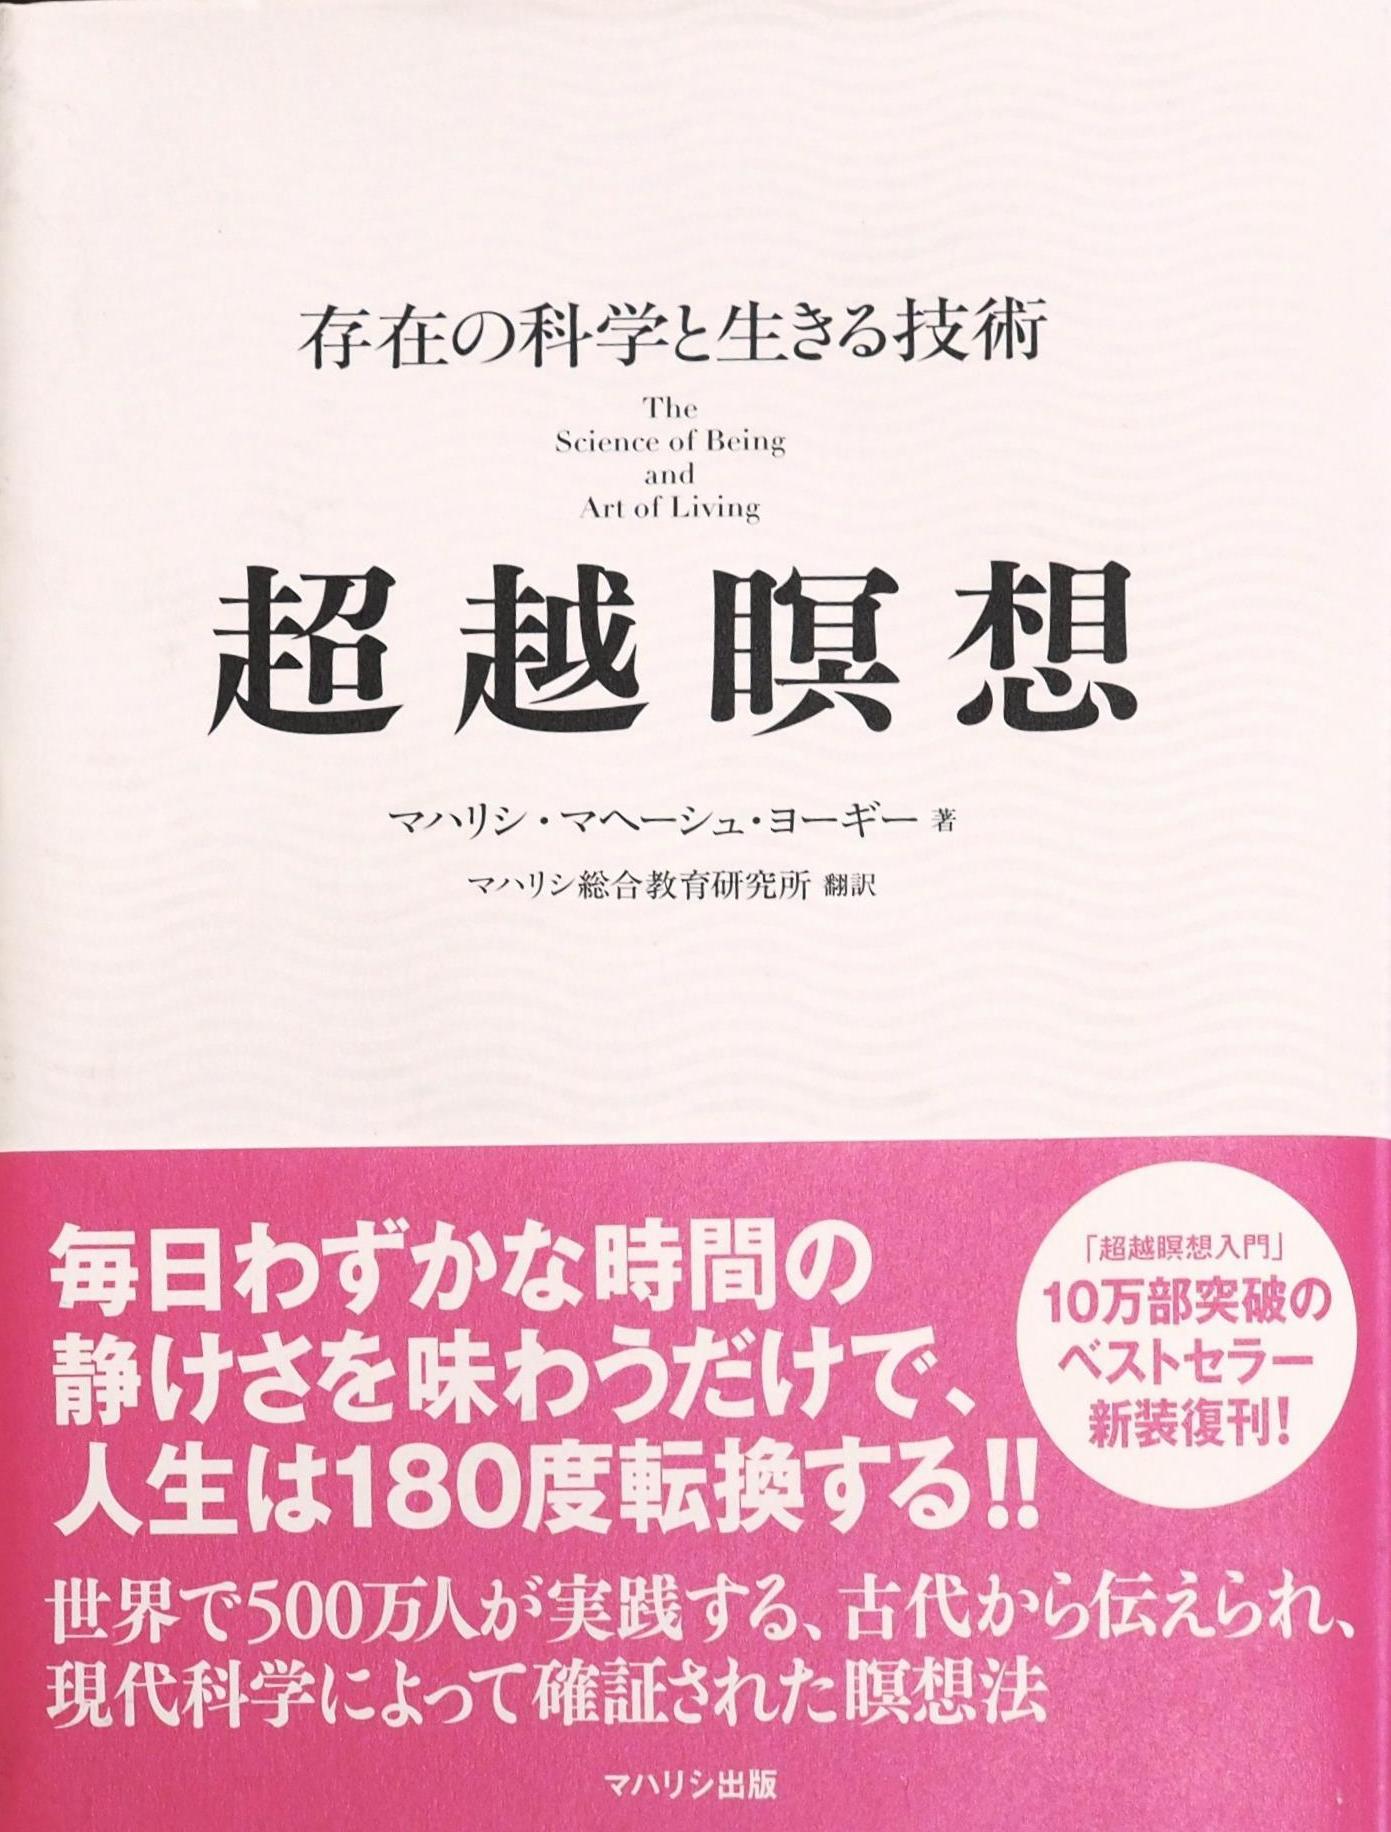 マハリシ・マヘーシュ・ヨーギーの著作『超越瞑想』(マハリシ出版刊)